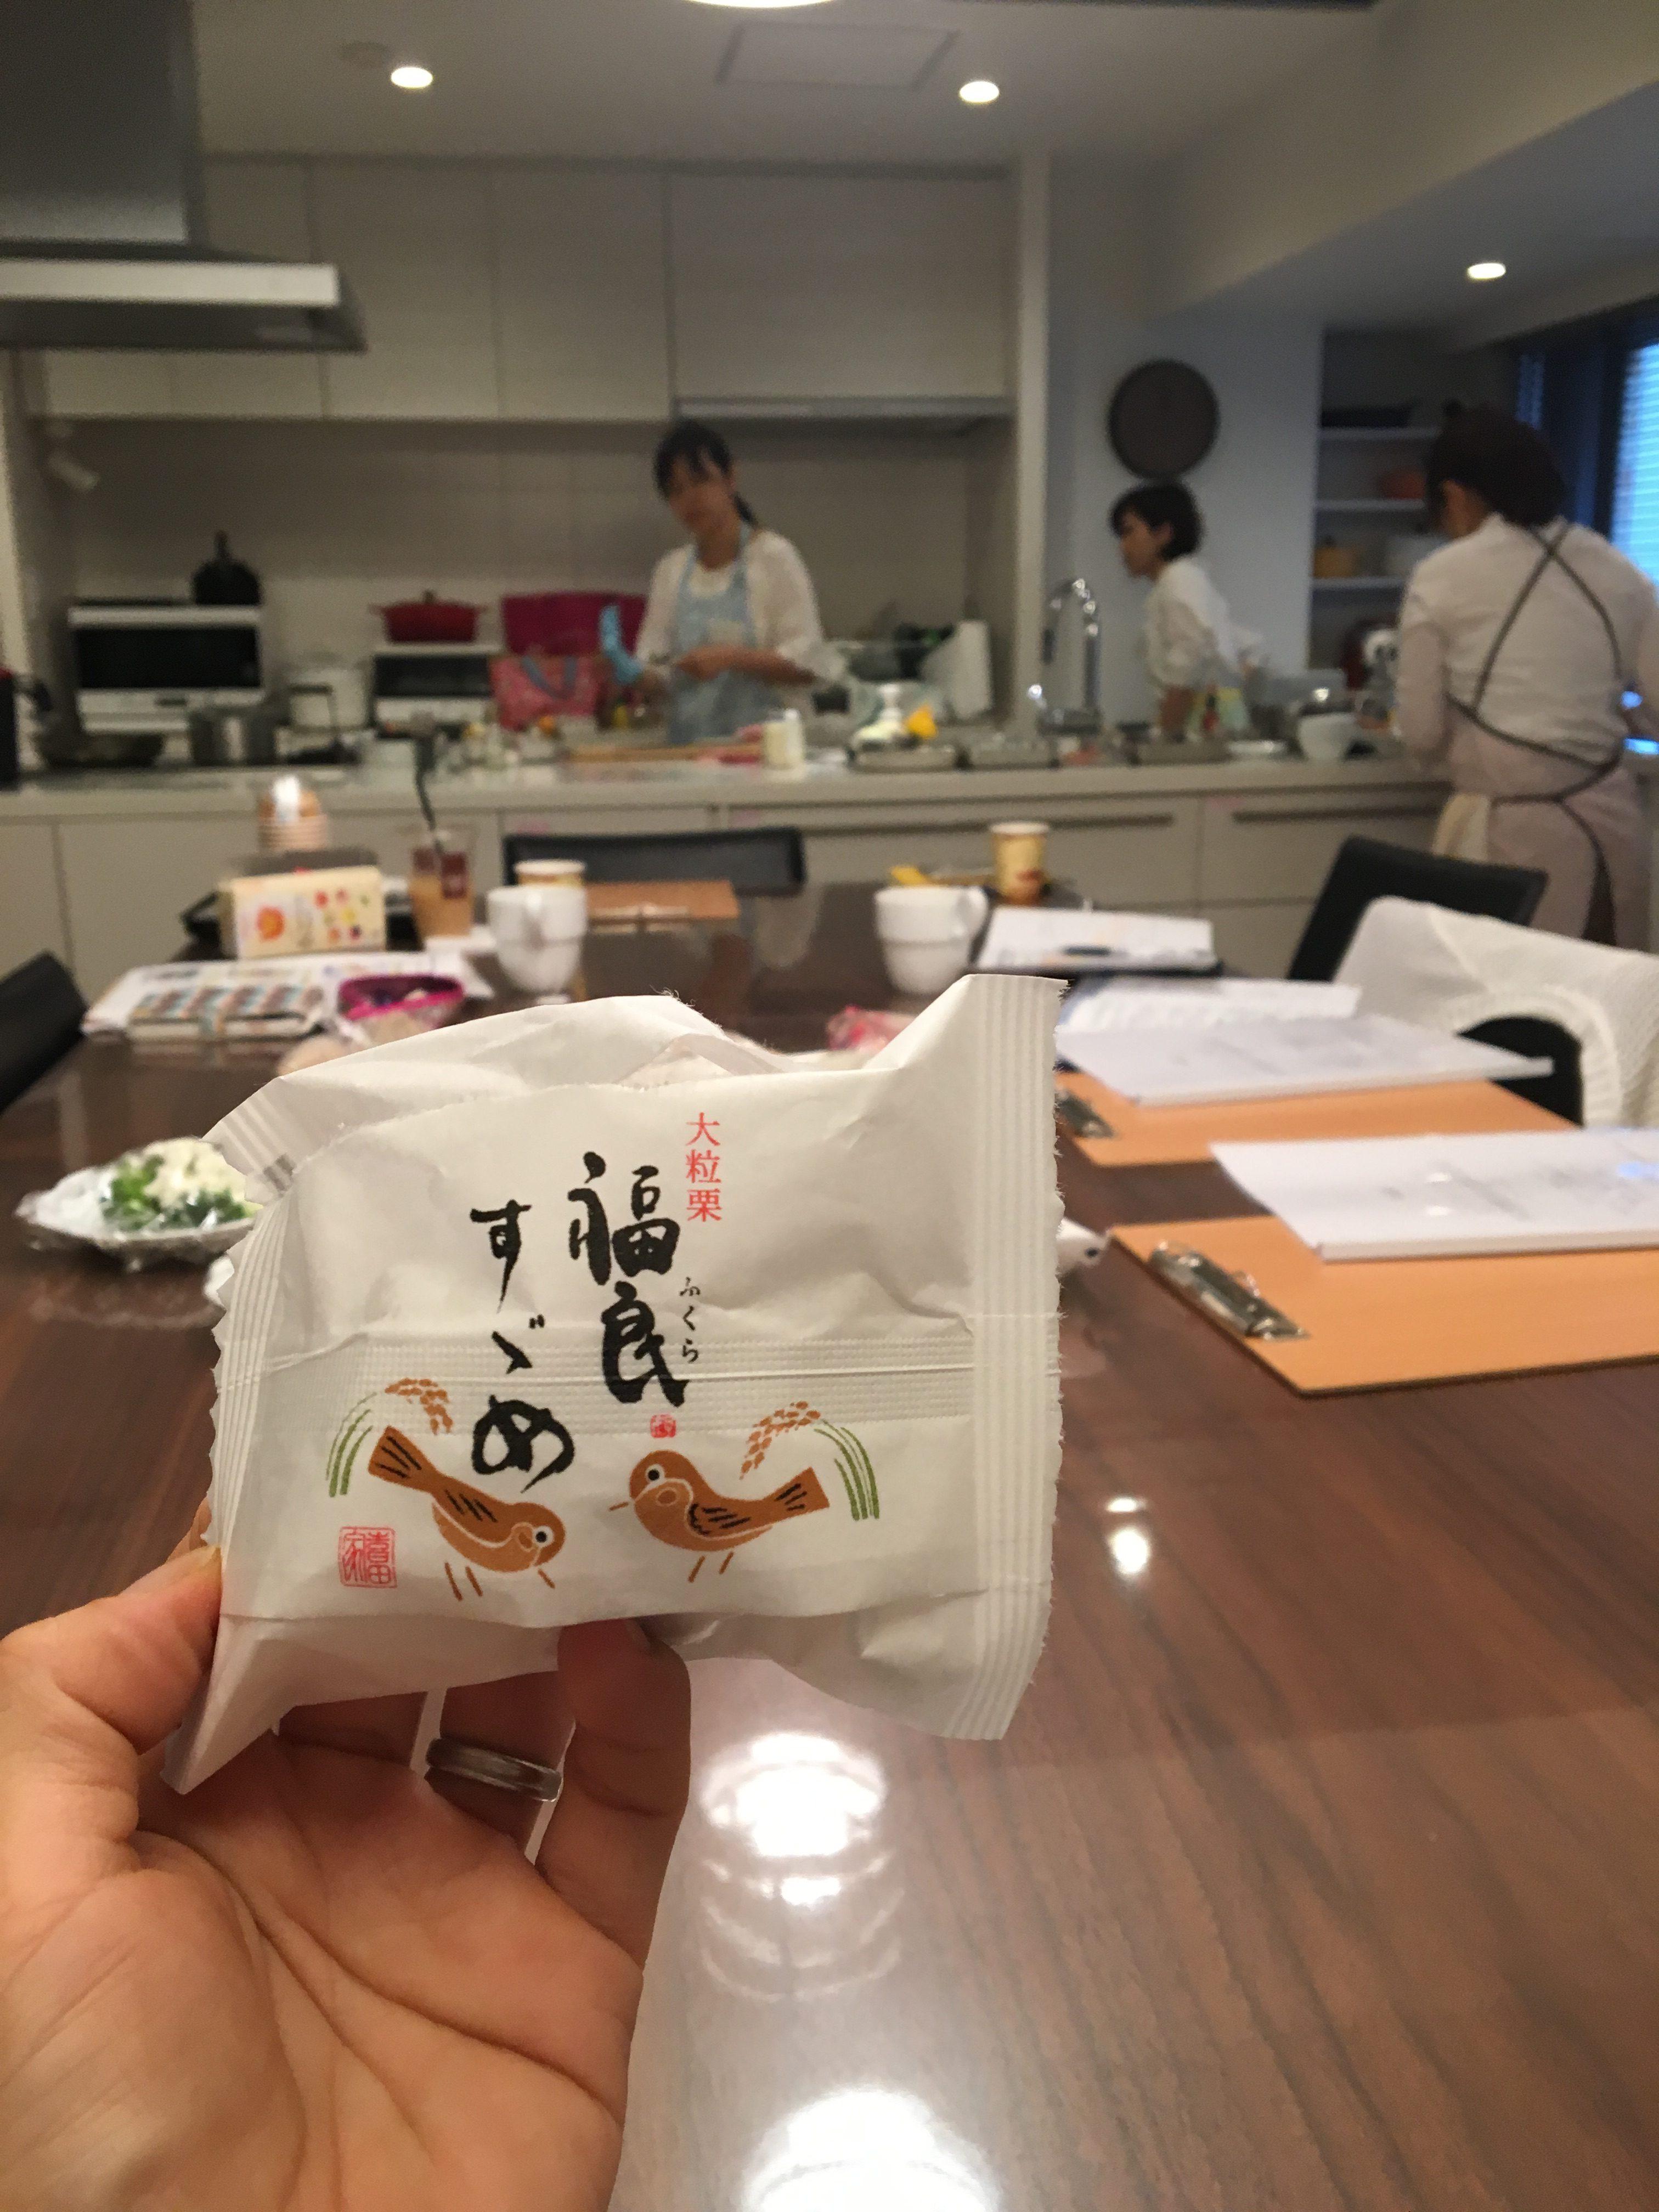 【第二期プロフェッショナル料理講師育成講座】卒業検定&料理講師派遣致します